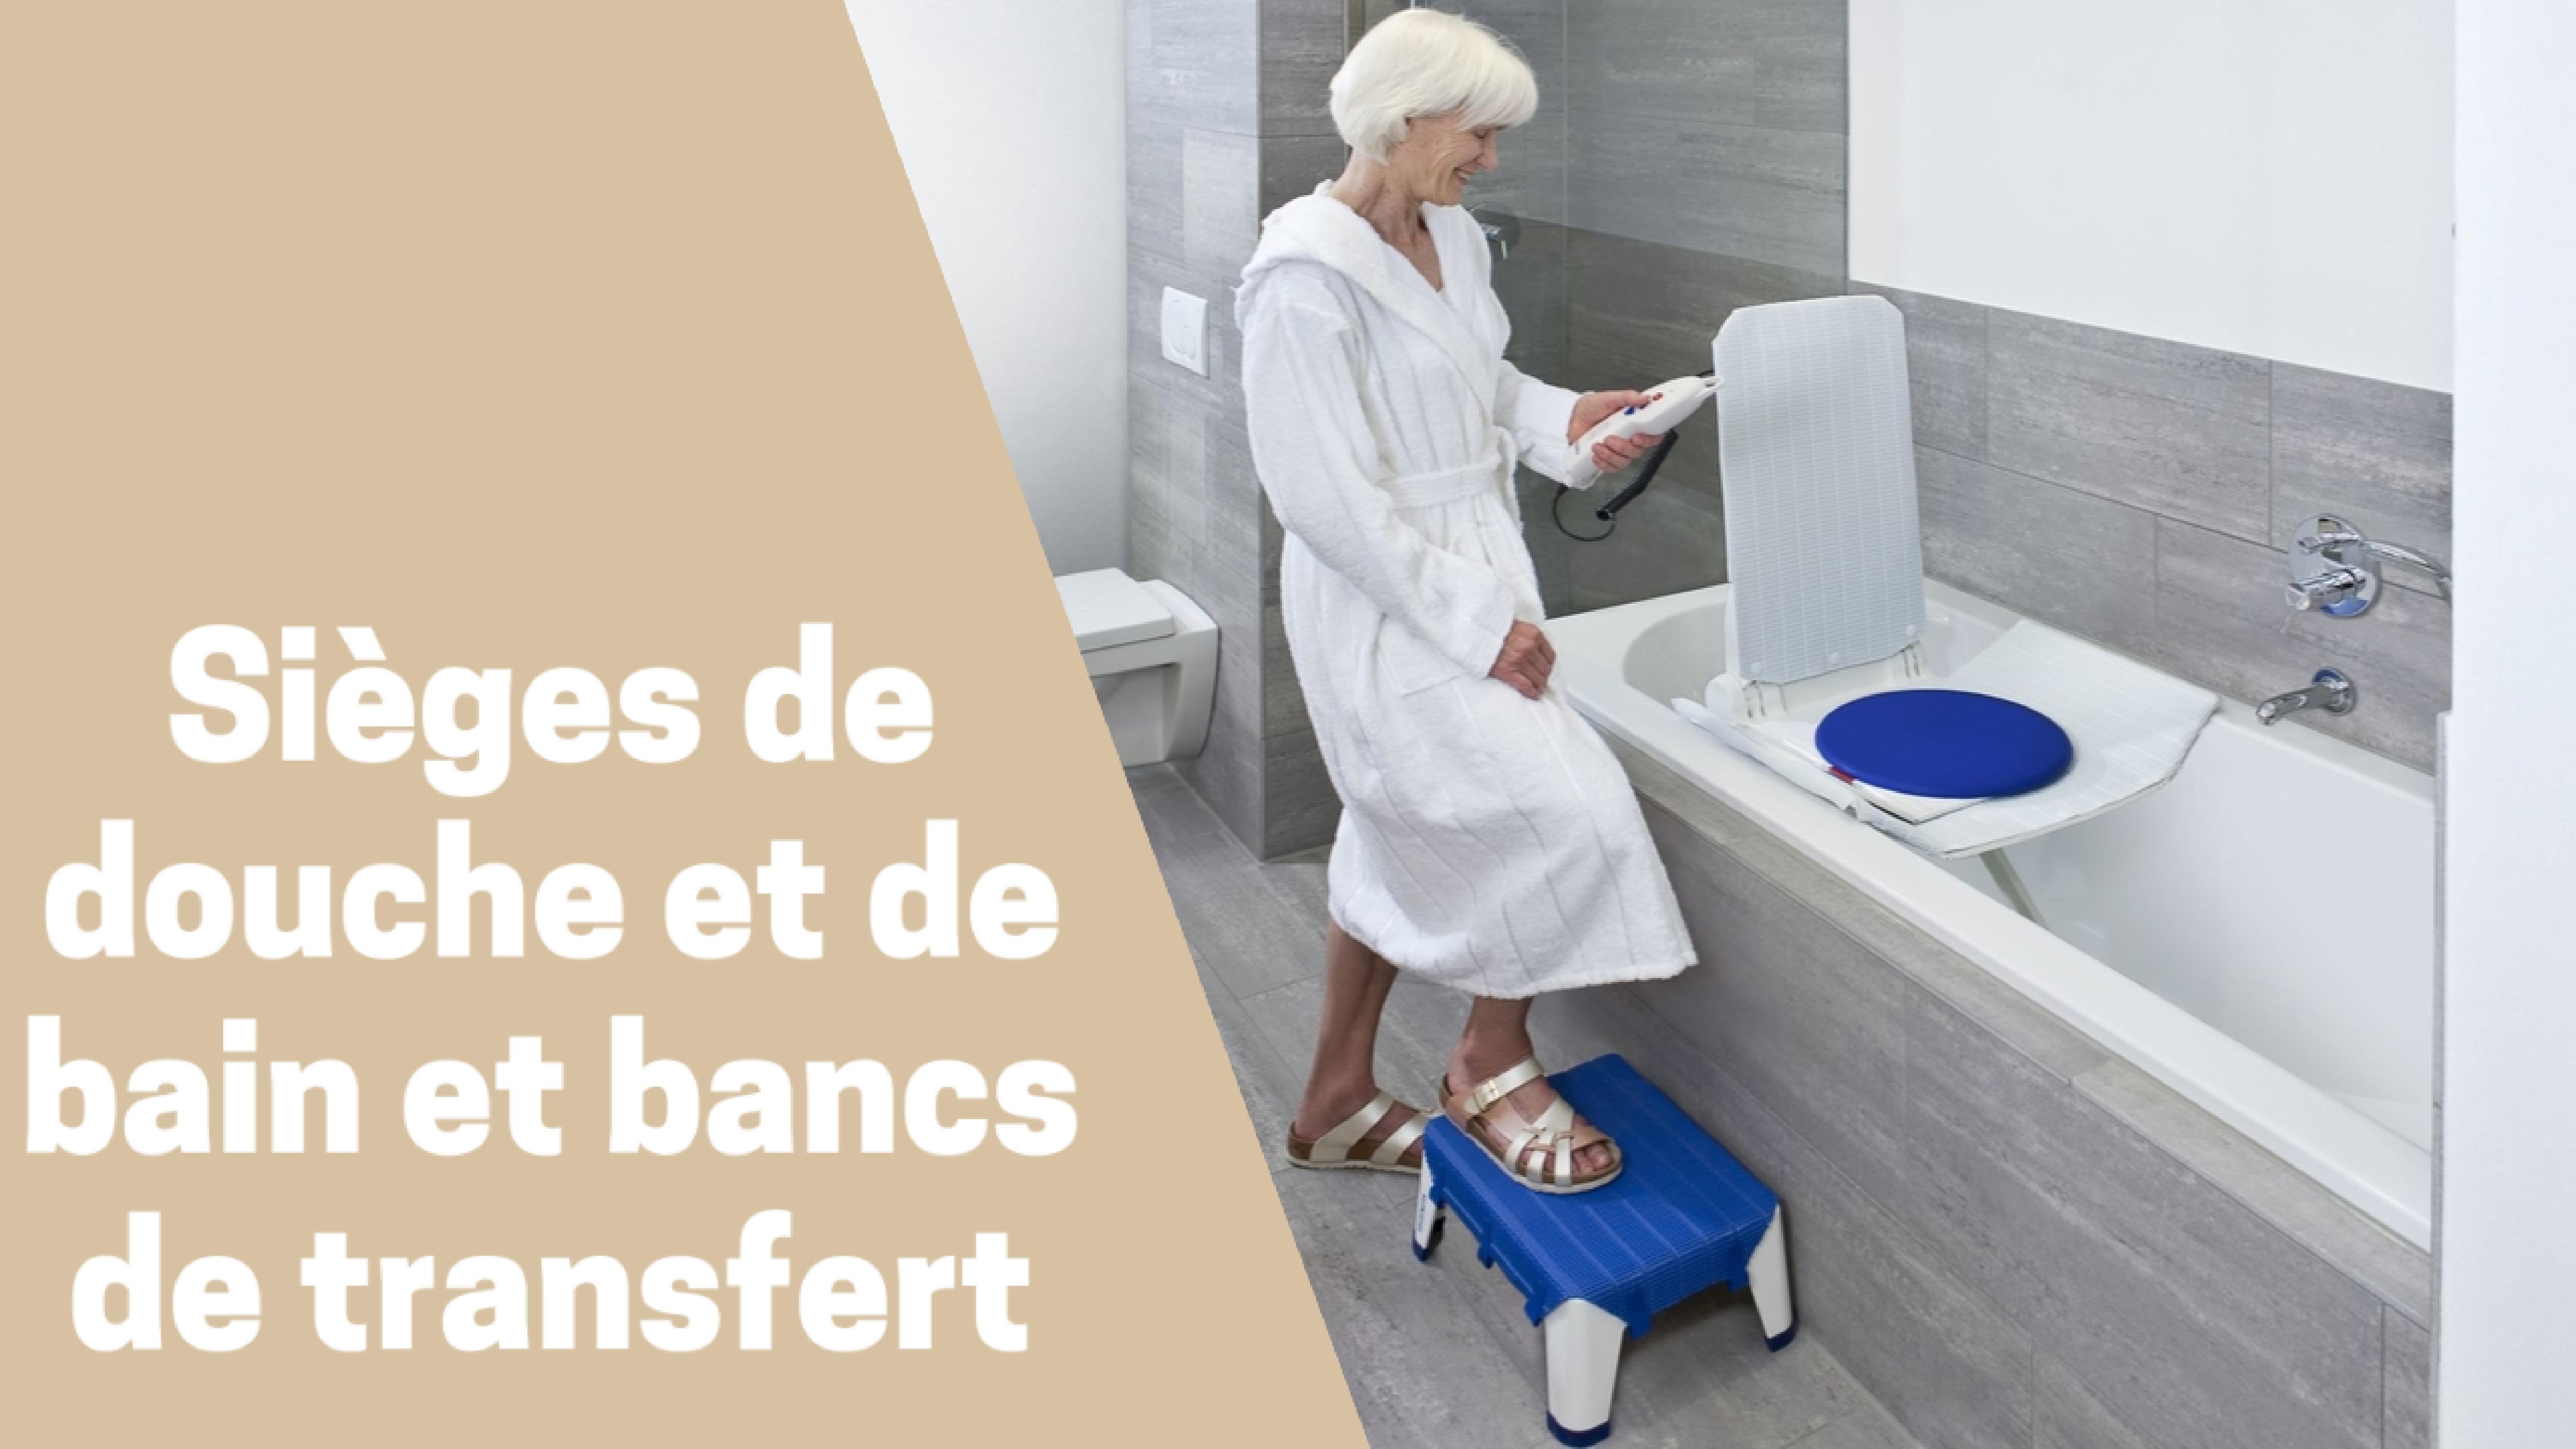 Photo de Les Meilleurs Sièges De Douche, De Bain Ou Bancs de Transfert